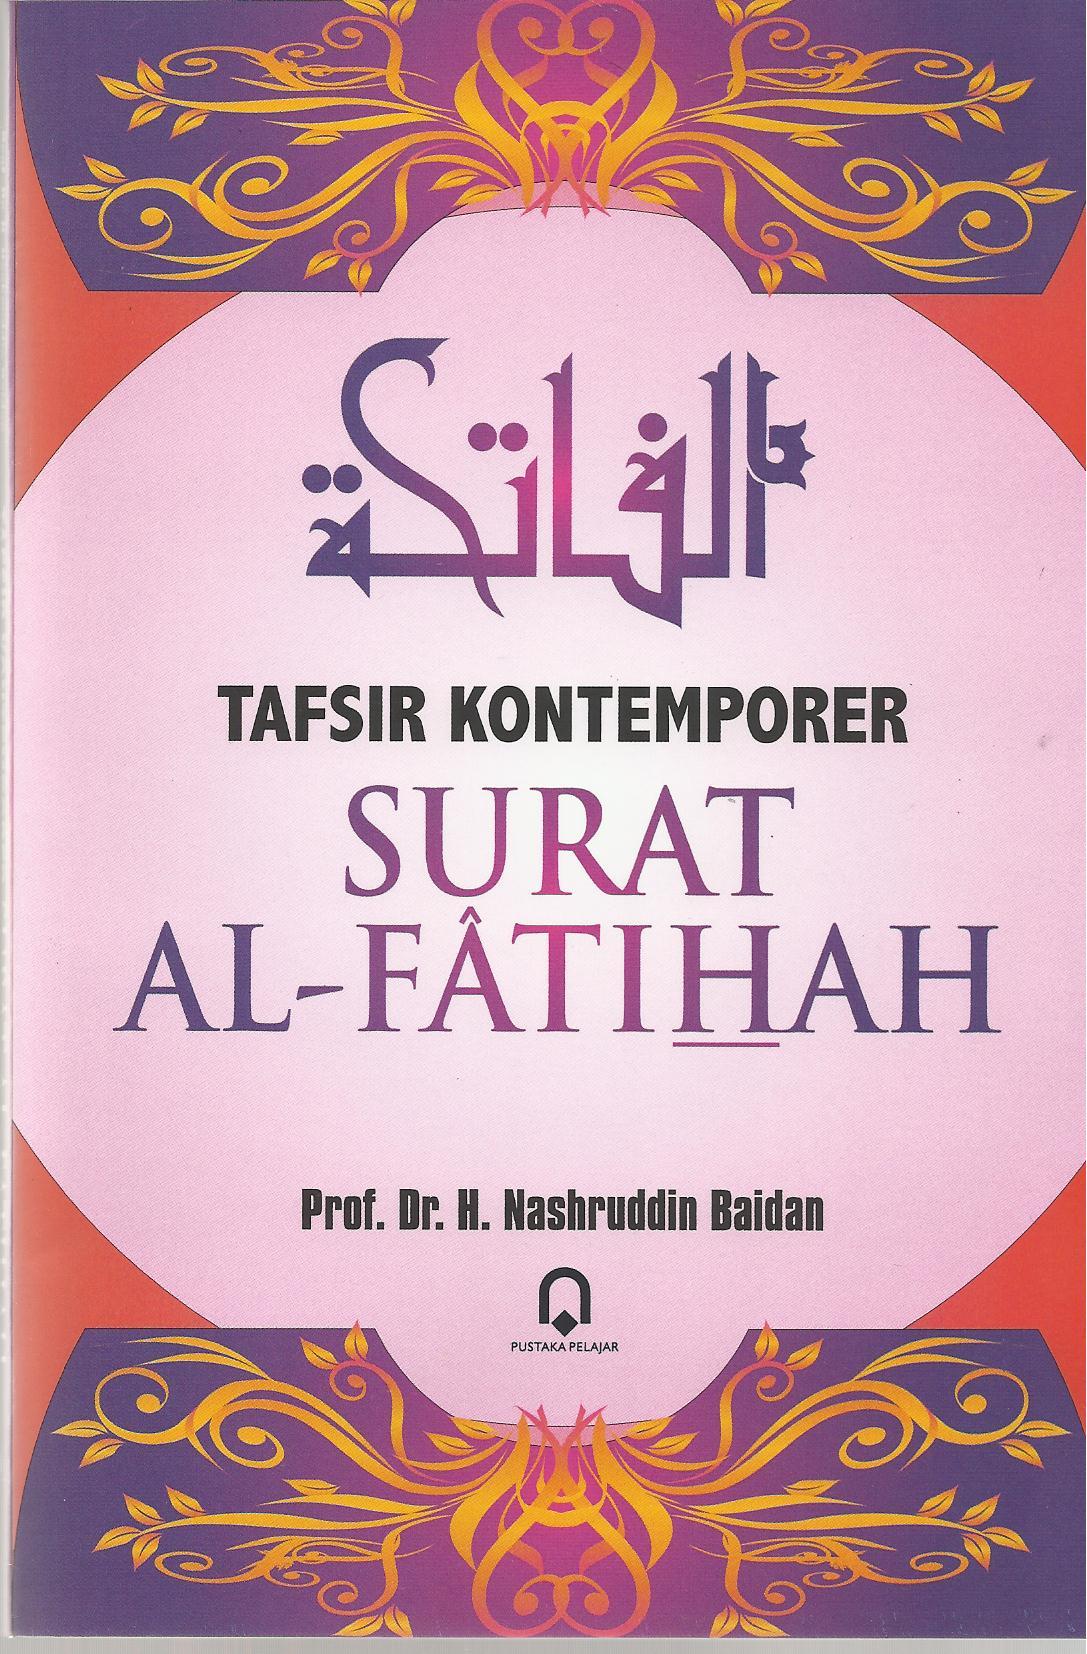 Tafsir Kontemporer Surat Al Fatihah Pustaka Pelajar